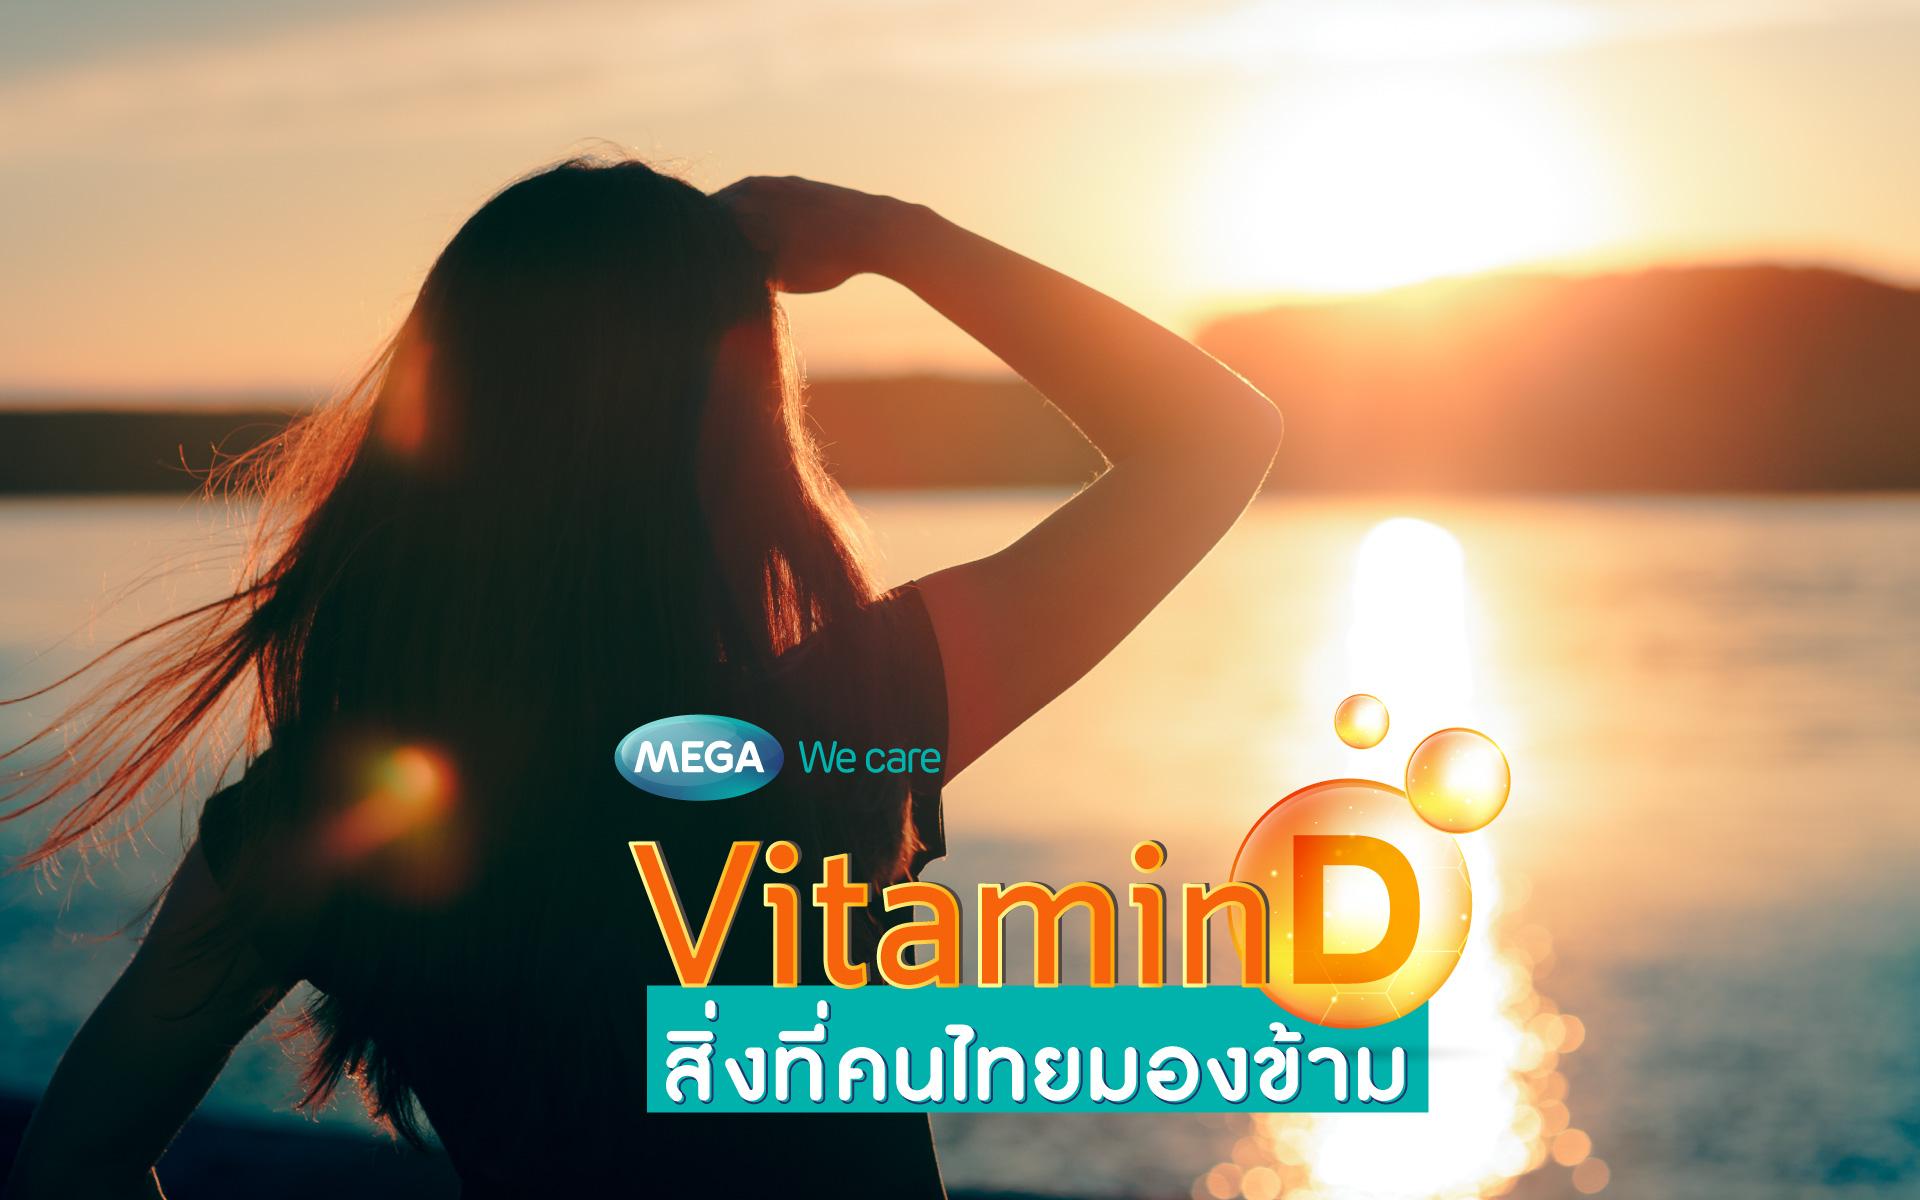 วิตามินดี (Vitamin D) สิ่งที่ร่างกายต้องการ